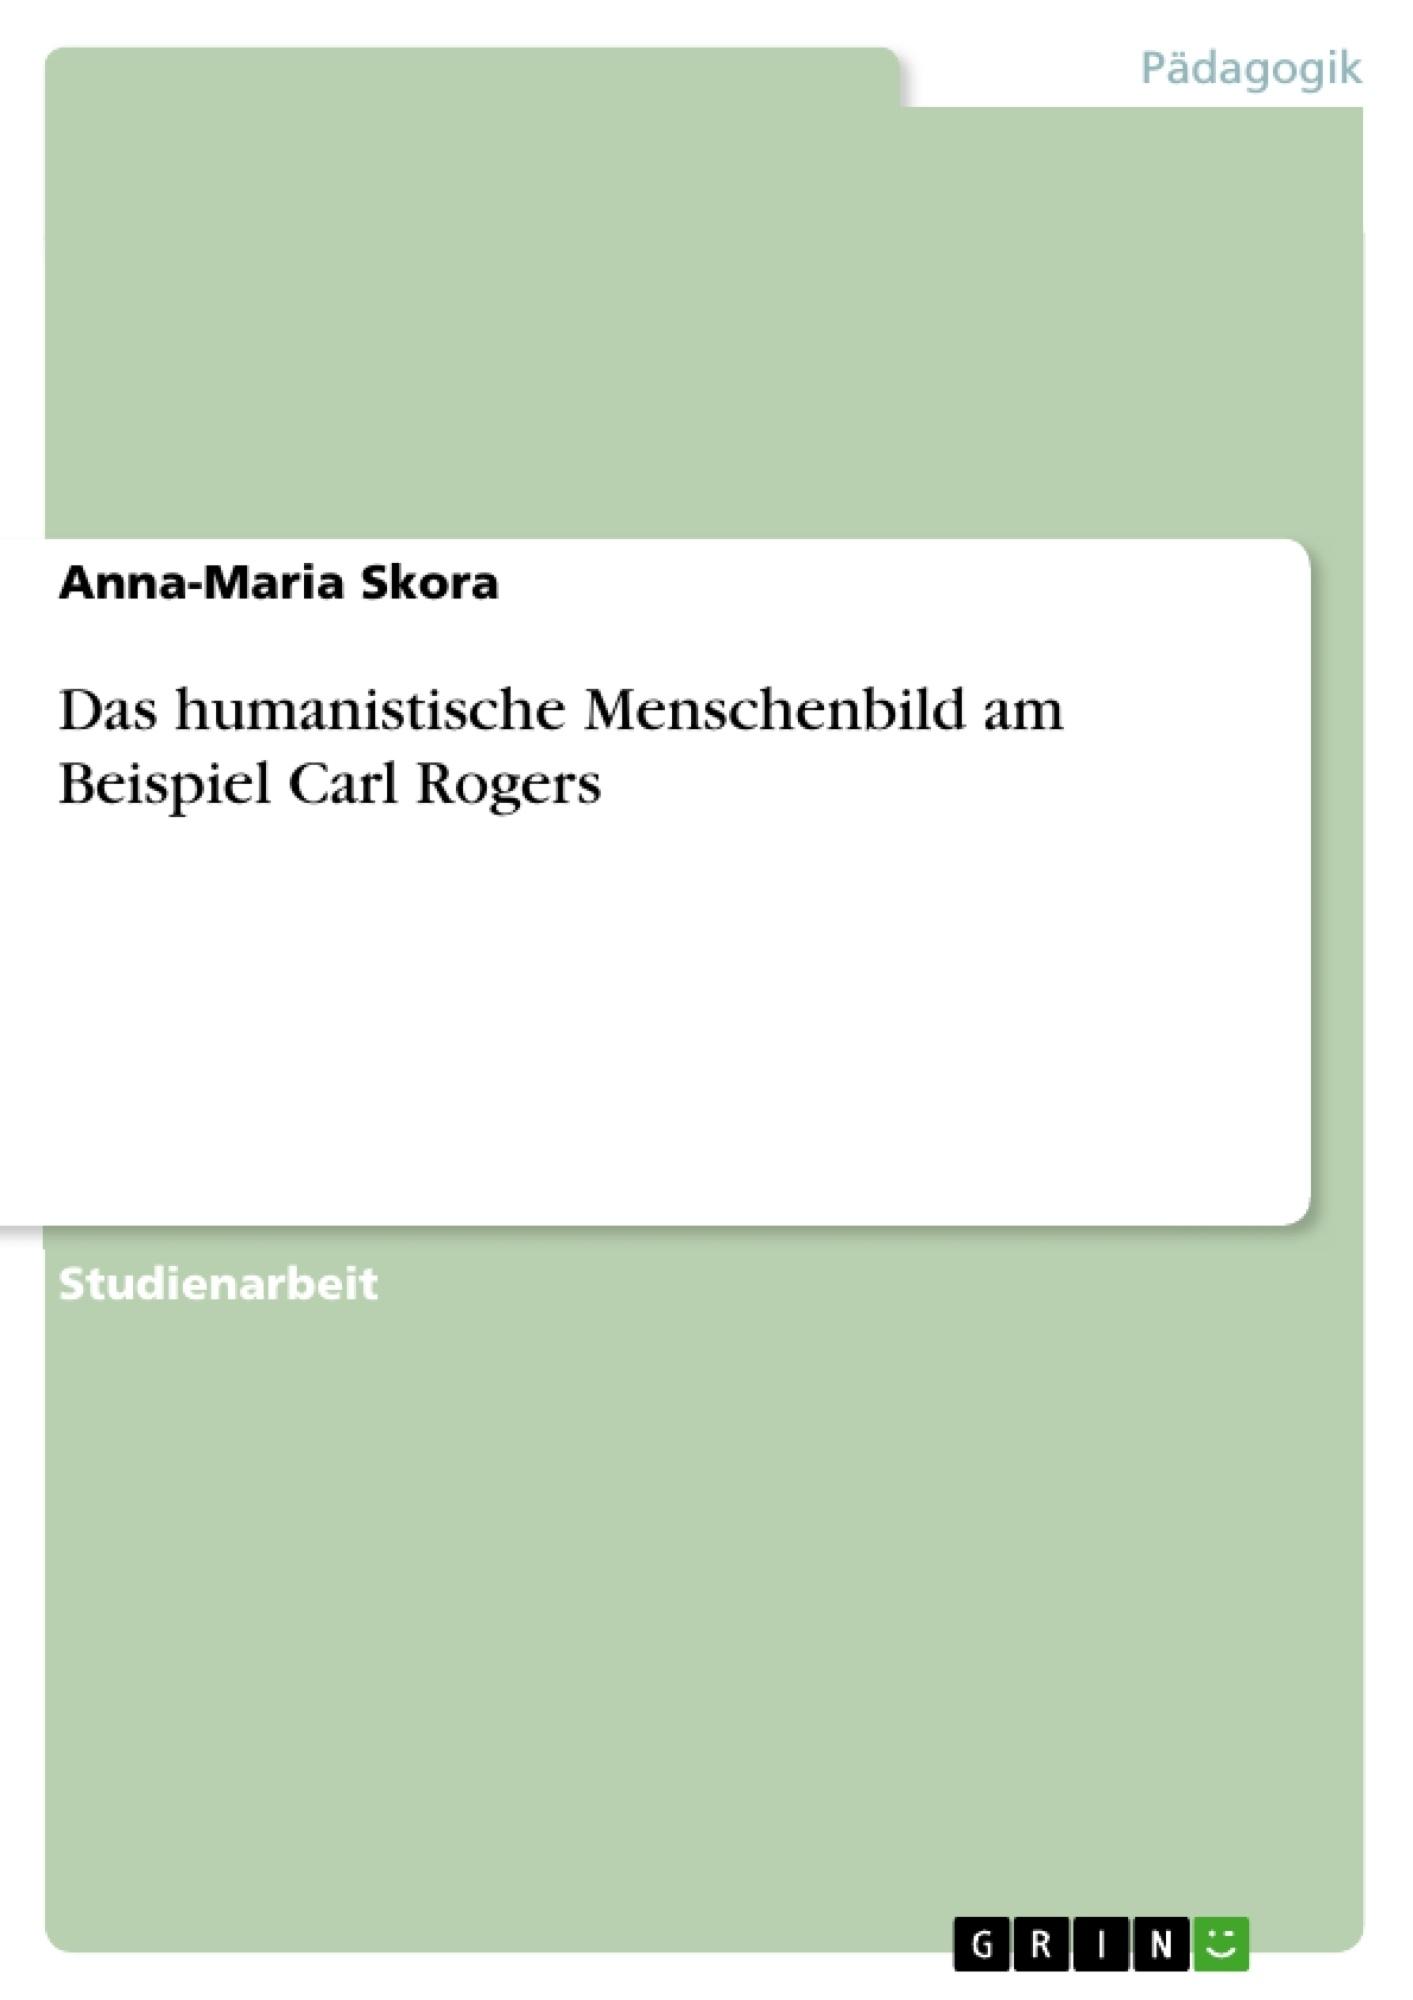 Titel: Das humanistische Menschenbild am Beispiel Carl Rogers